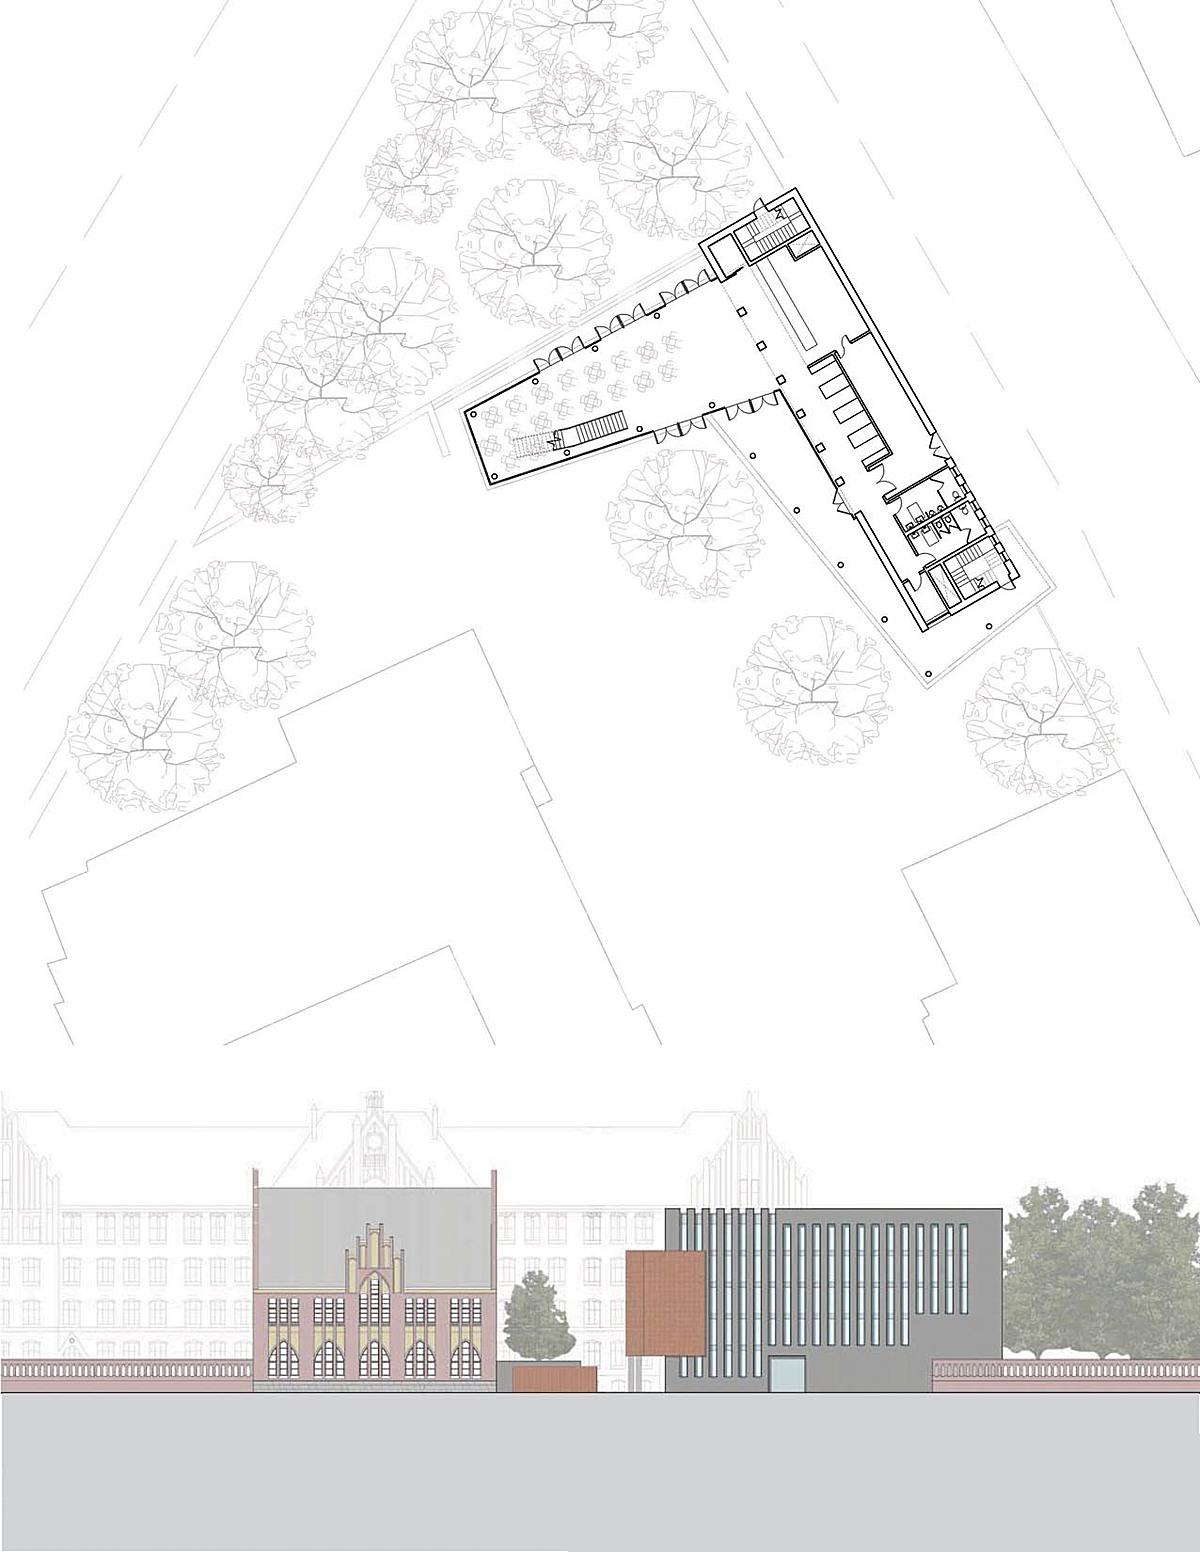 Ground Floor Plan & Street Elevation